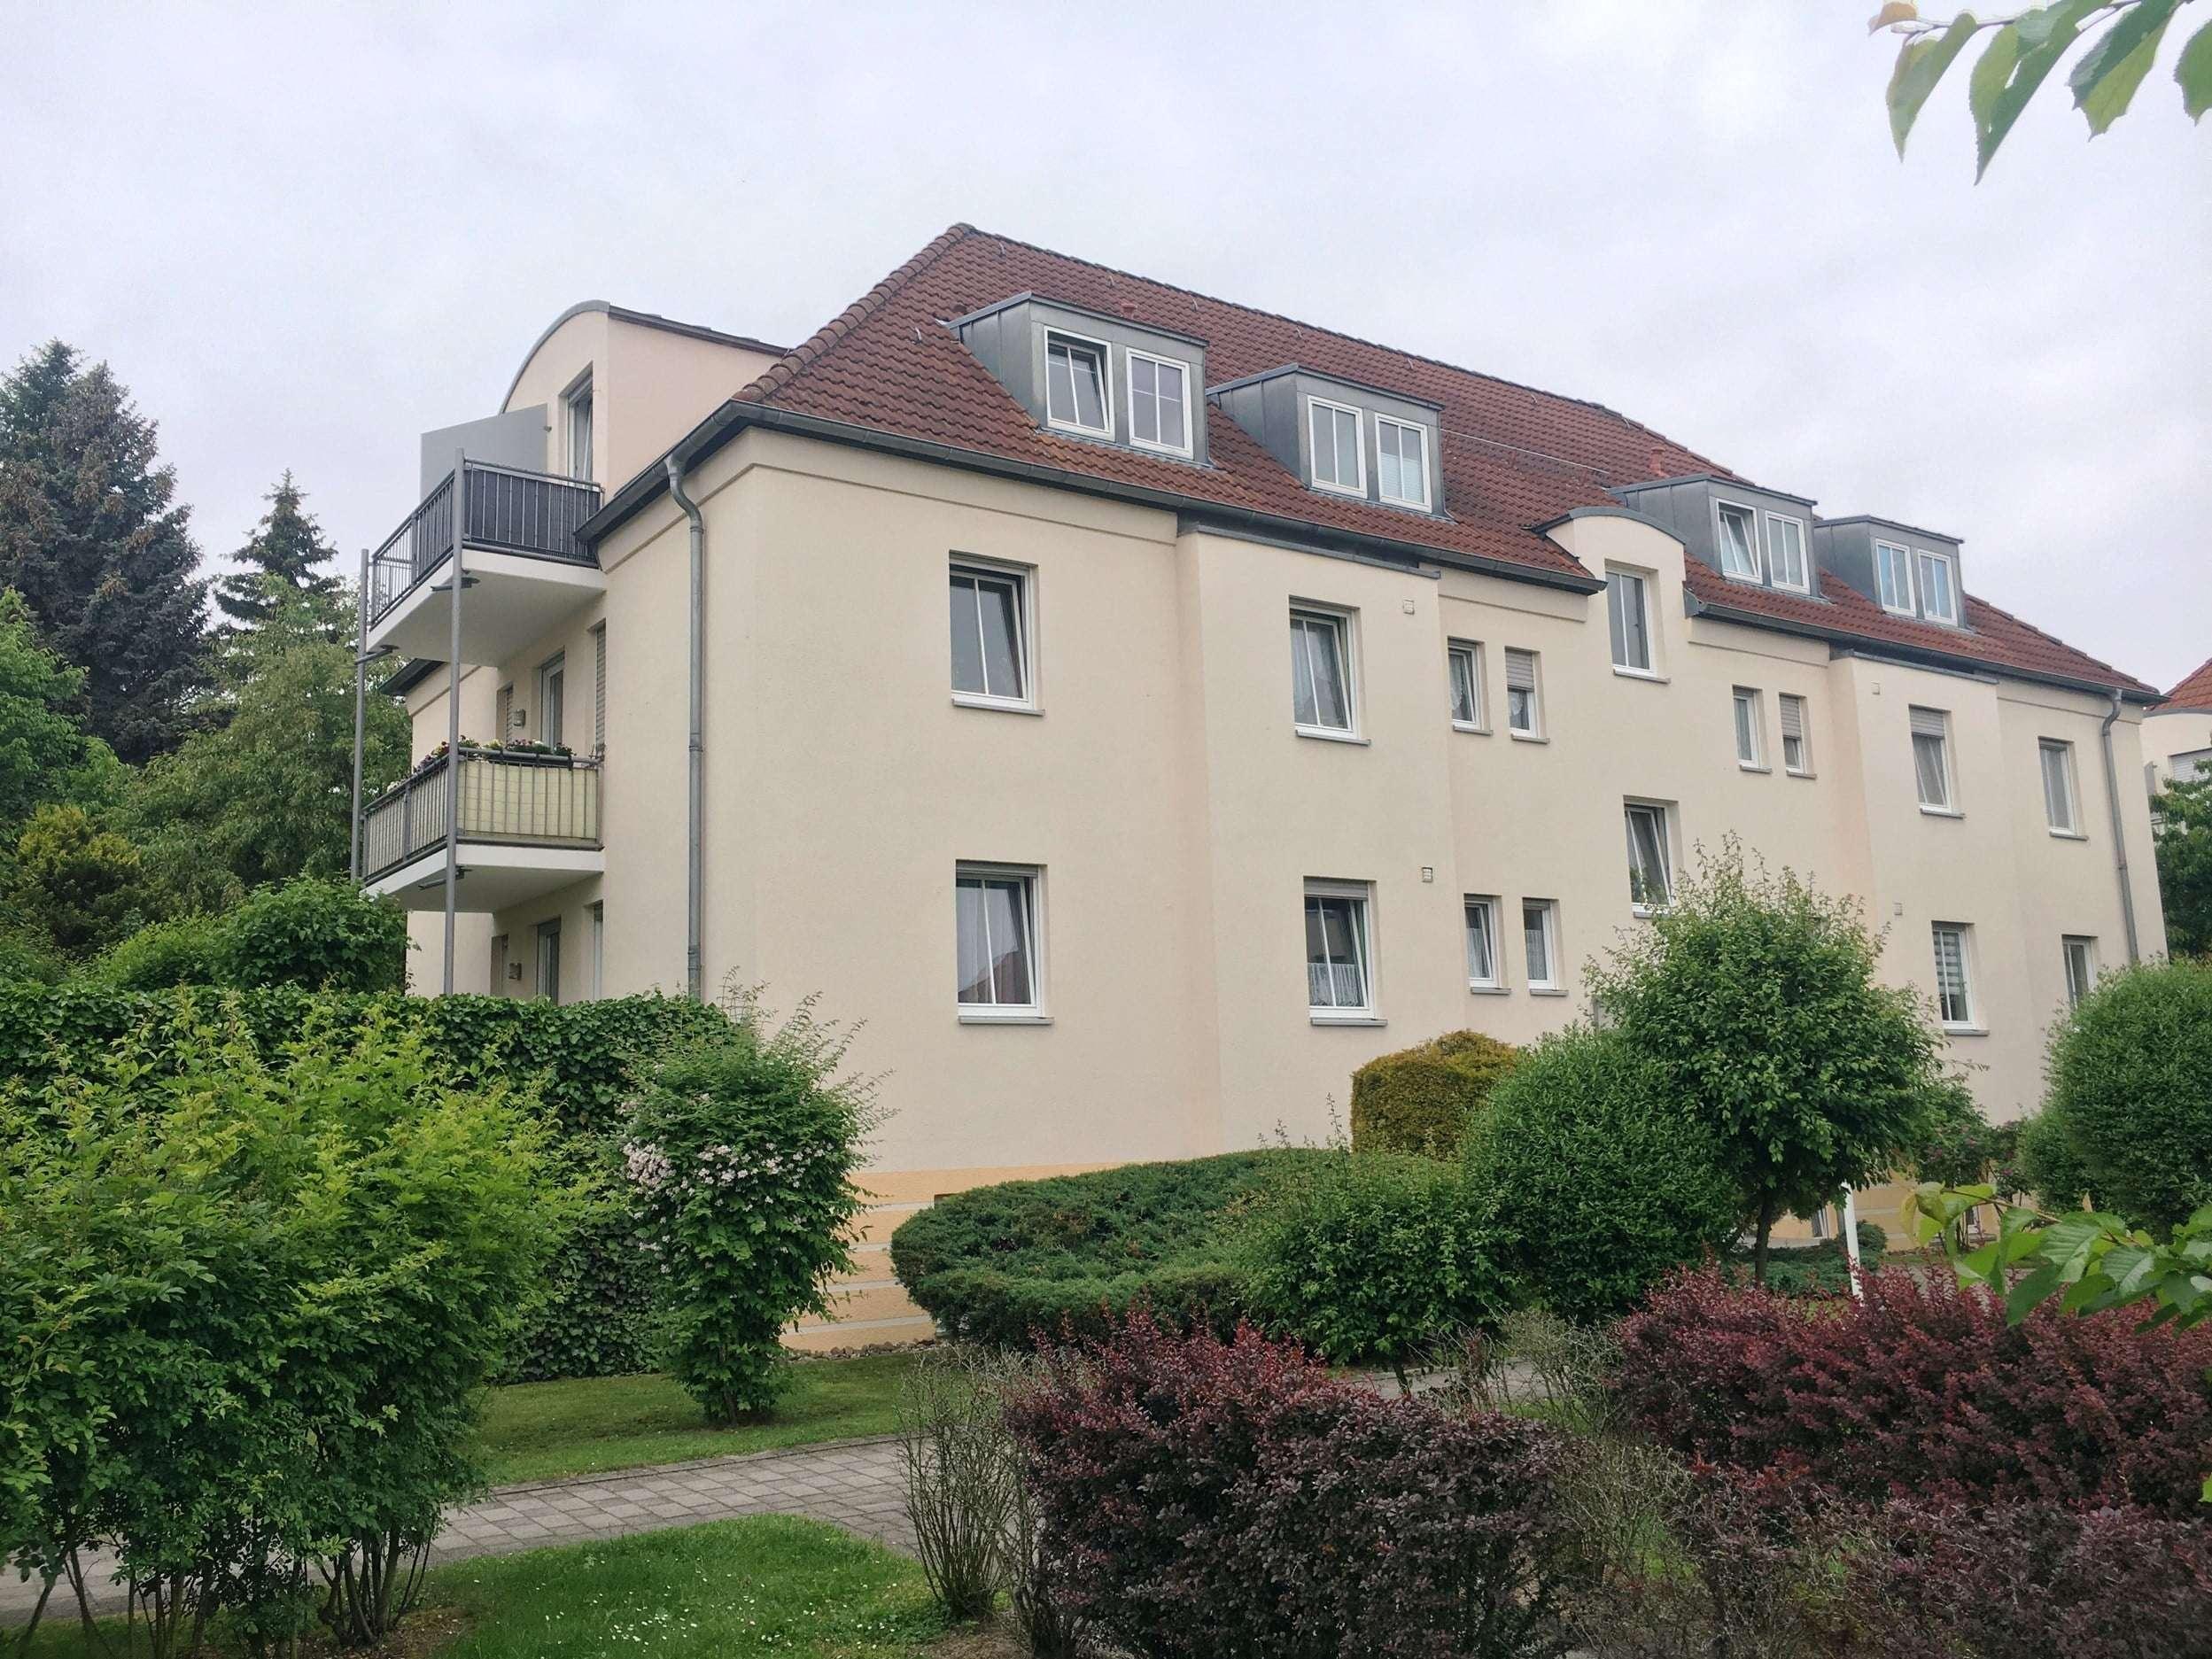 Kompakte Singlewohnung in ruhiger Lage mit traumhaftem Blick auf die Stadt - Wohnung zum Kauf in Dresden